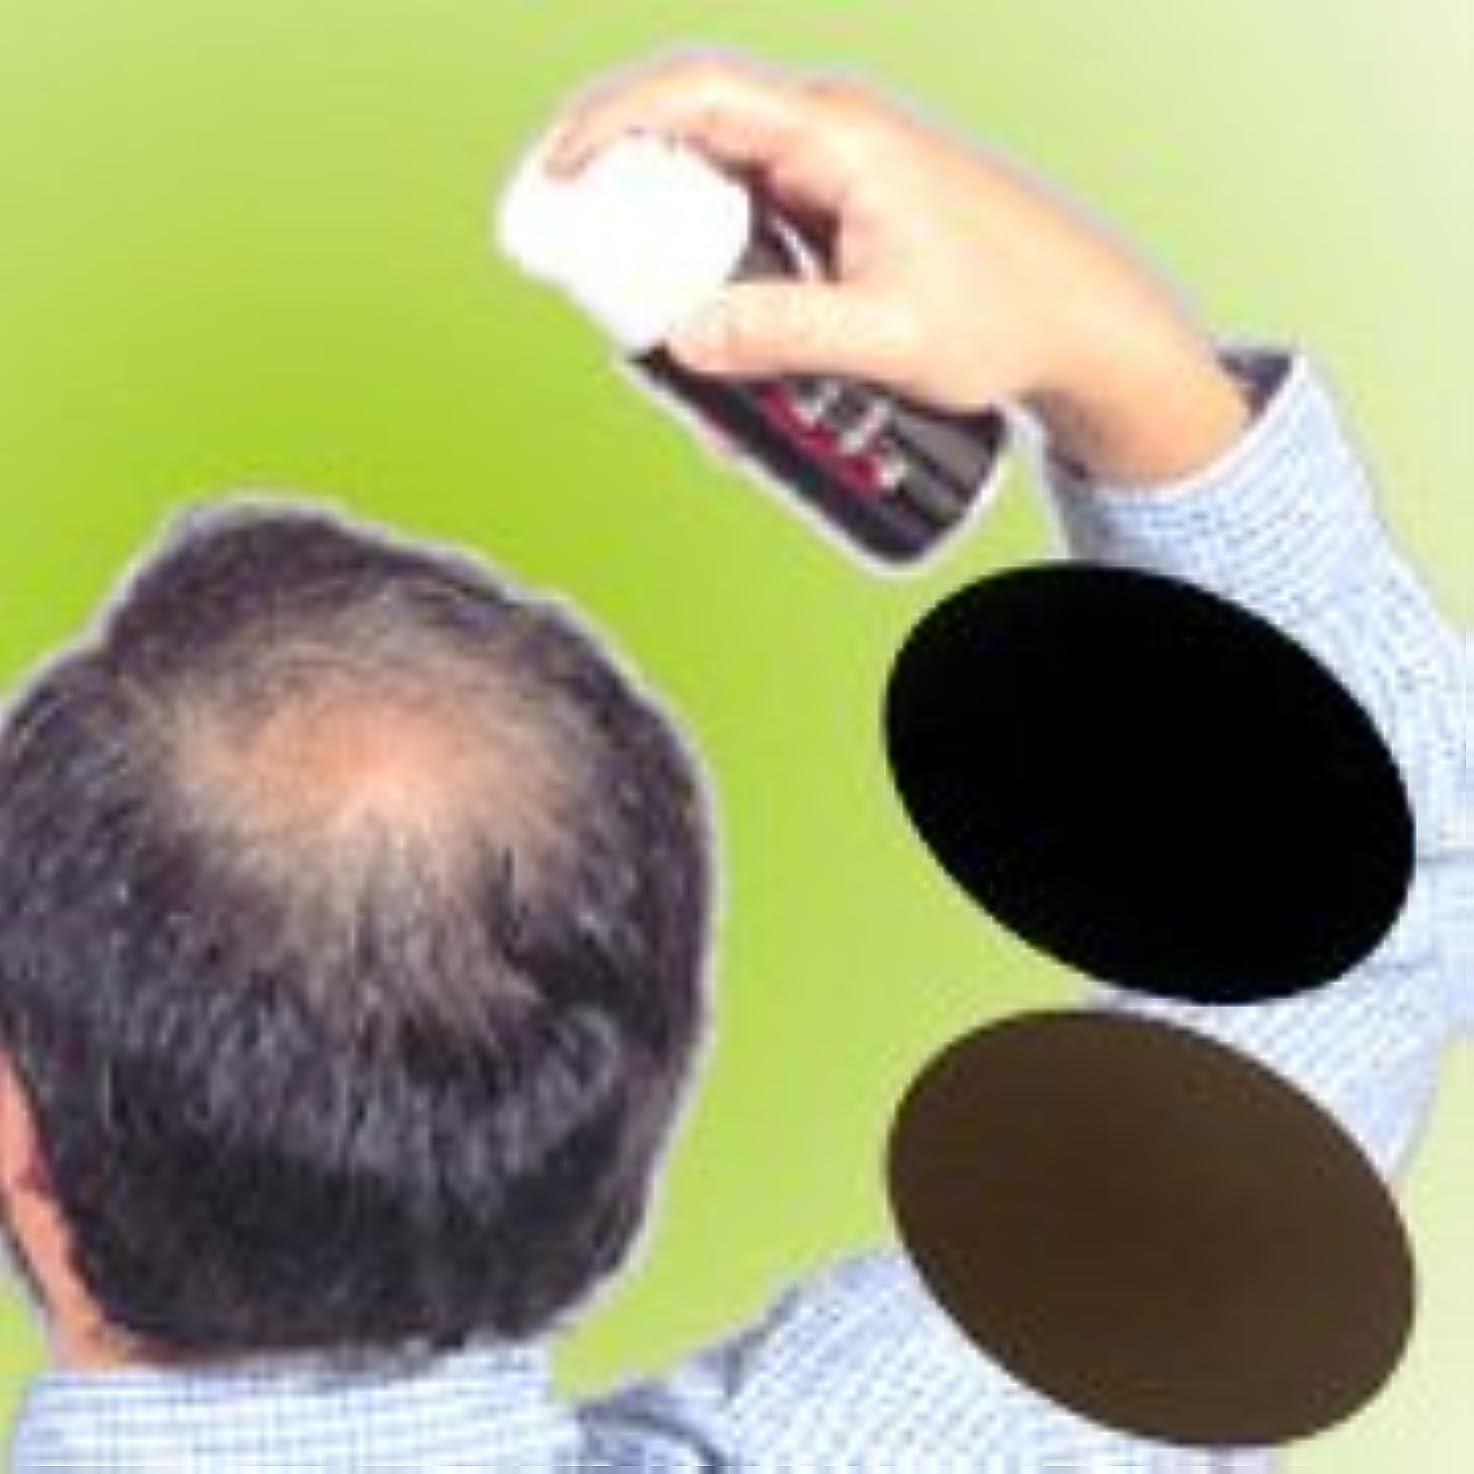 プロペラ学ぶシェトランド諸島薄毛?白髪をワンタッチで隠します!男女兼用タイプの増毛スプレー!!【トミーリッチ ブラックヘアー】 (こちらの商品の内訳は『ブラック<数量36単位>』のみ)